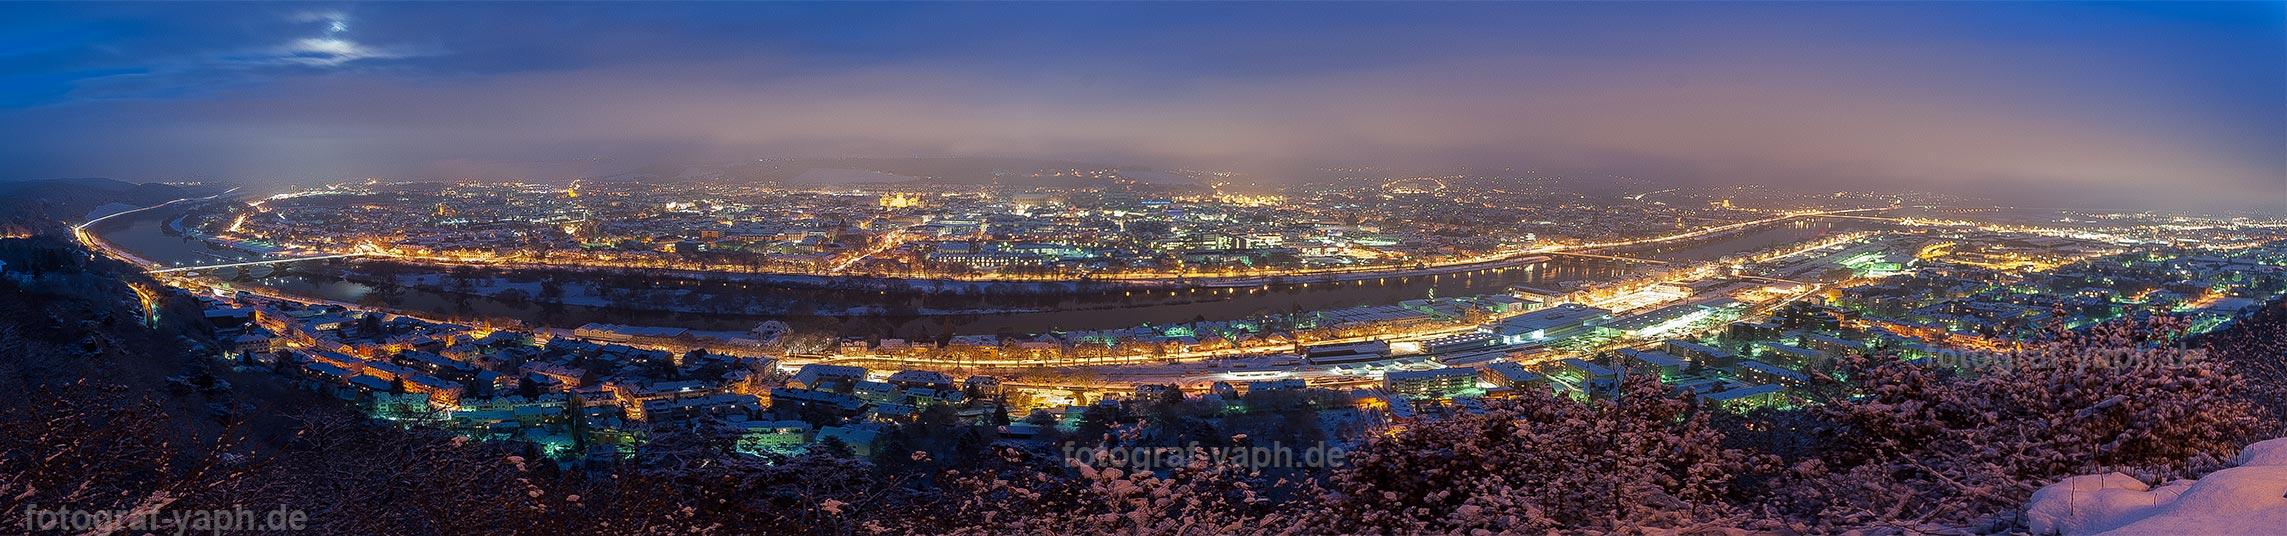 Nachtaufnahme Panorama der Stadt Trier aufgenommen aus der Perspektive der Mariensäule von Fotograf Trier - Yaph